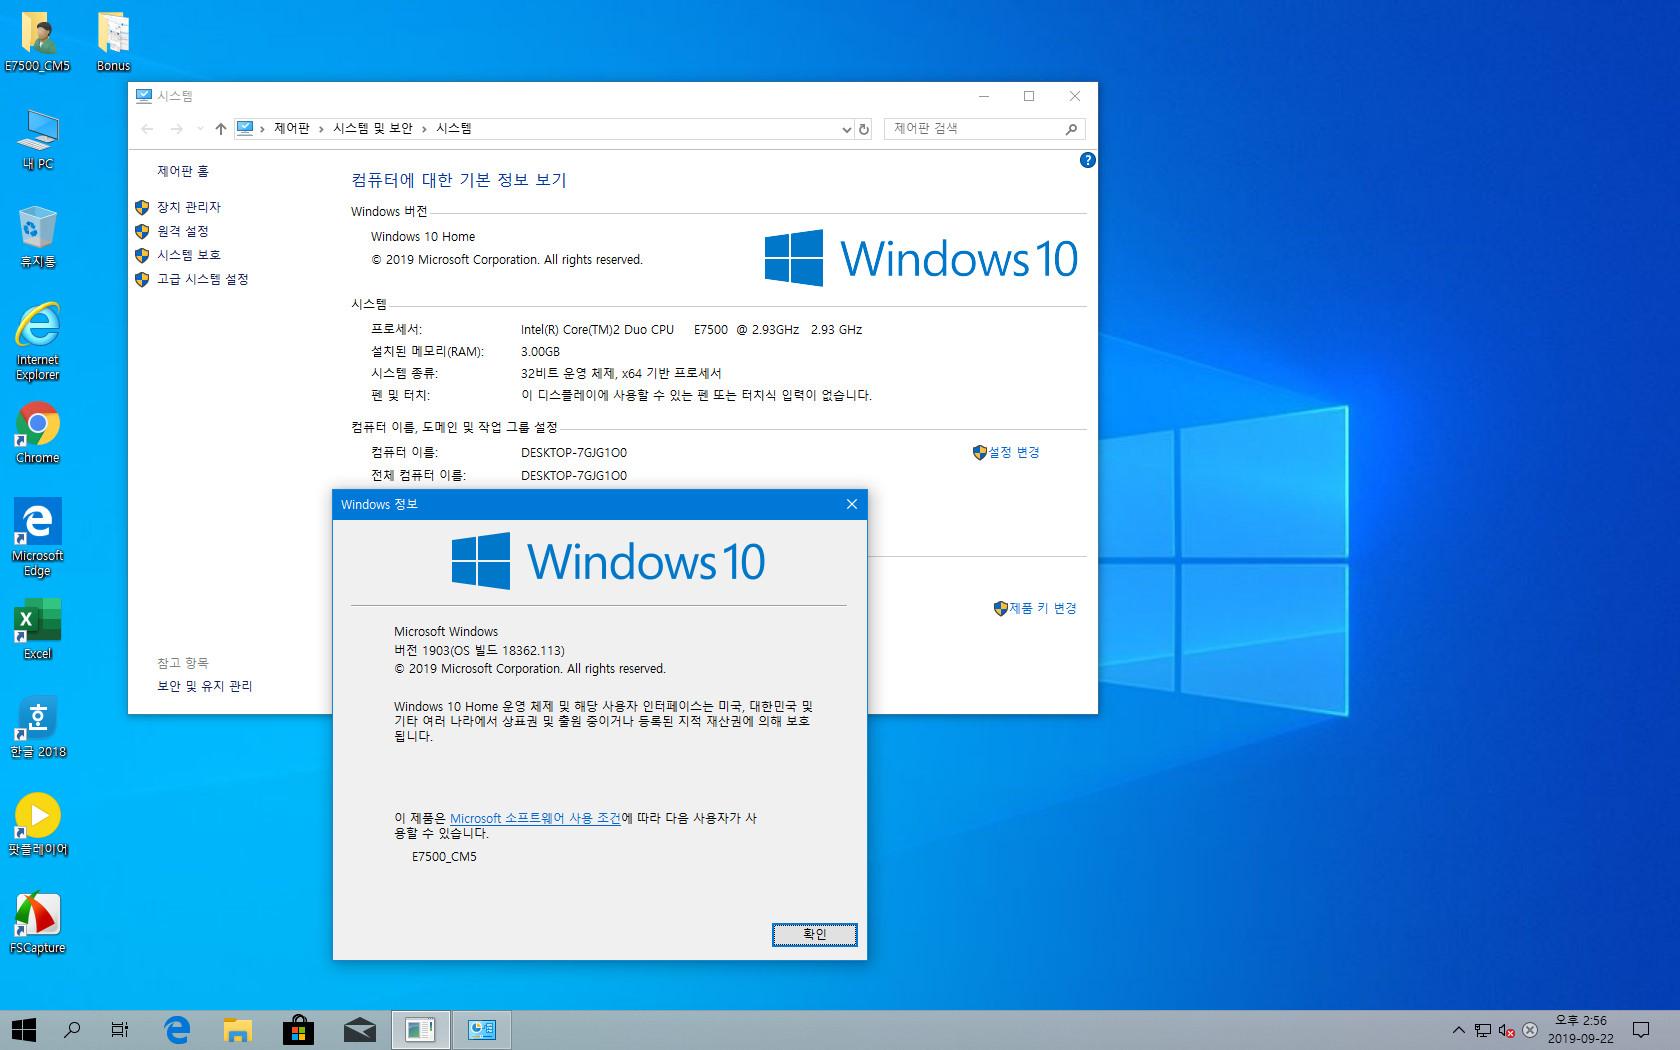 2019-09-22_윈도우 정보.jpg